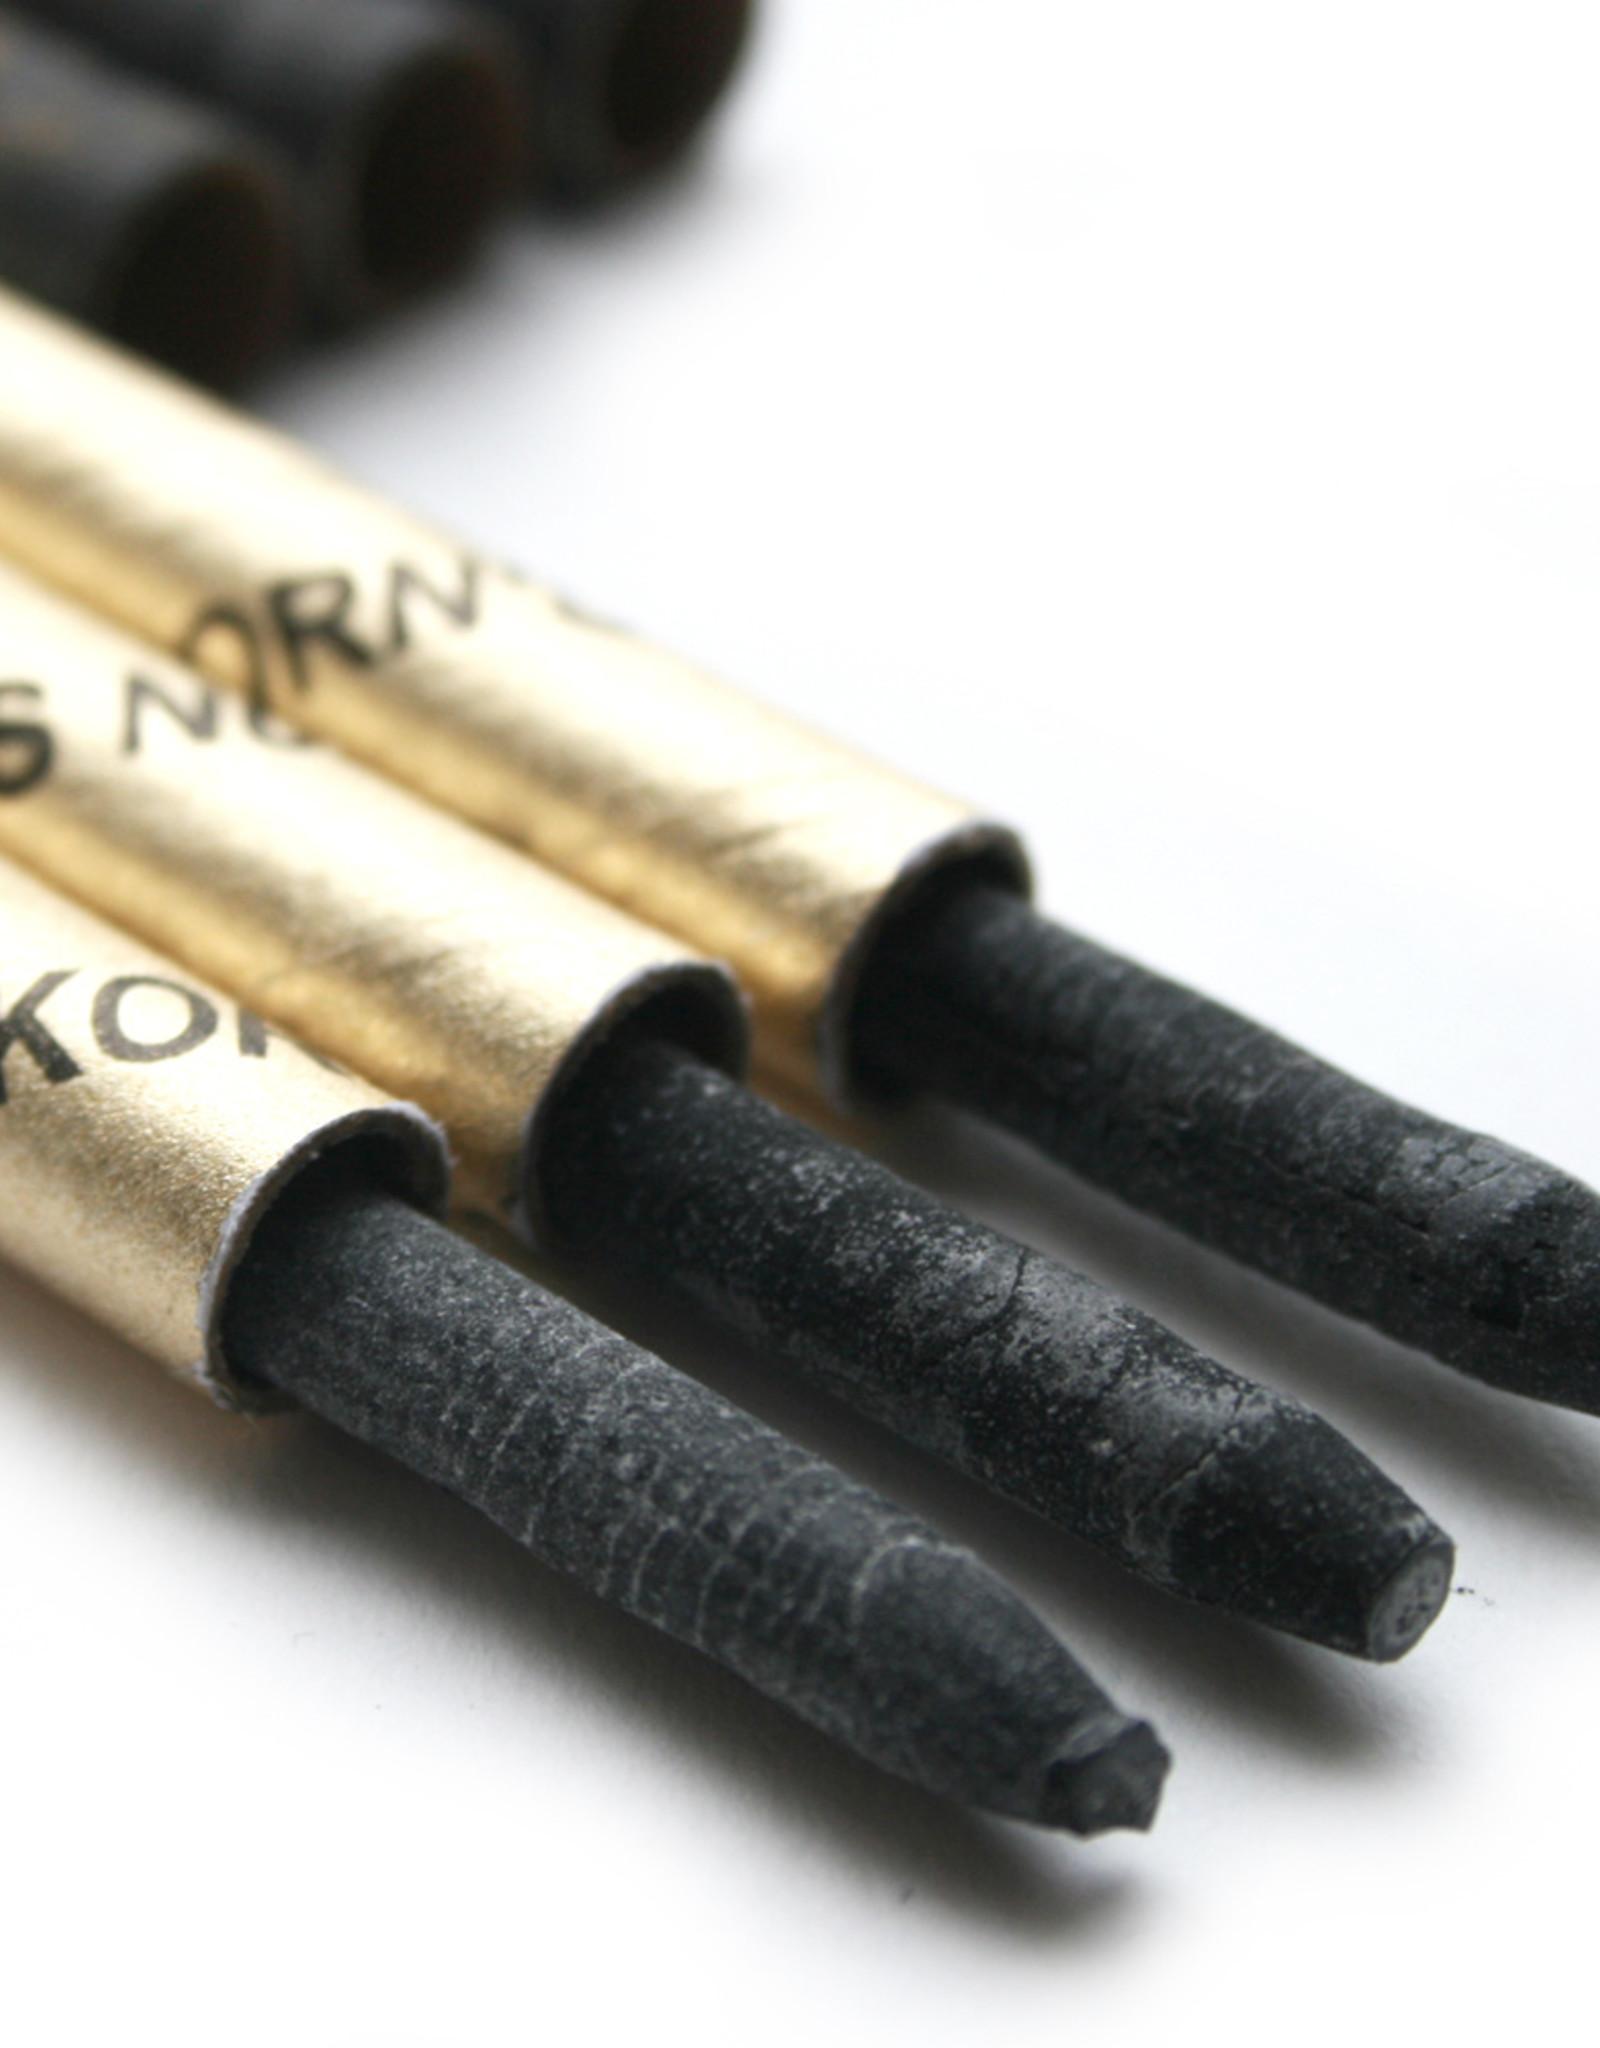 3 stuks litho krijt stiften Korn zeer hard (Copal) nummer 5. Te combineren met Vulpotloodhouder 5,6 mm Cretacolor voor goede grip op deze stift. Litho krijt bestaat uit: Vet Was Zeep Roet Schellak. De verhouding van deze bestanddelen hangt af van de grada